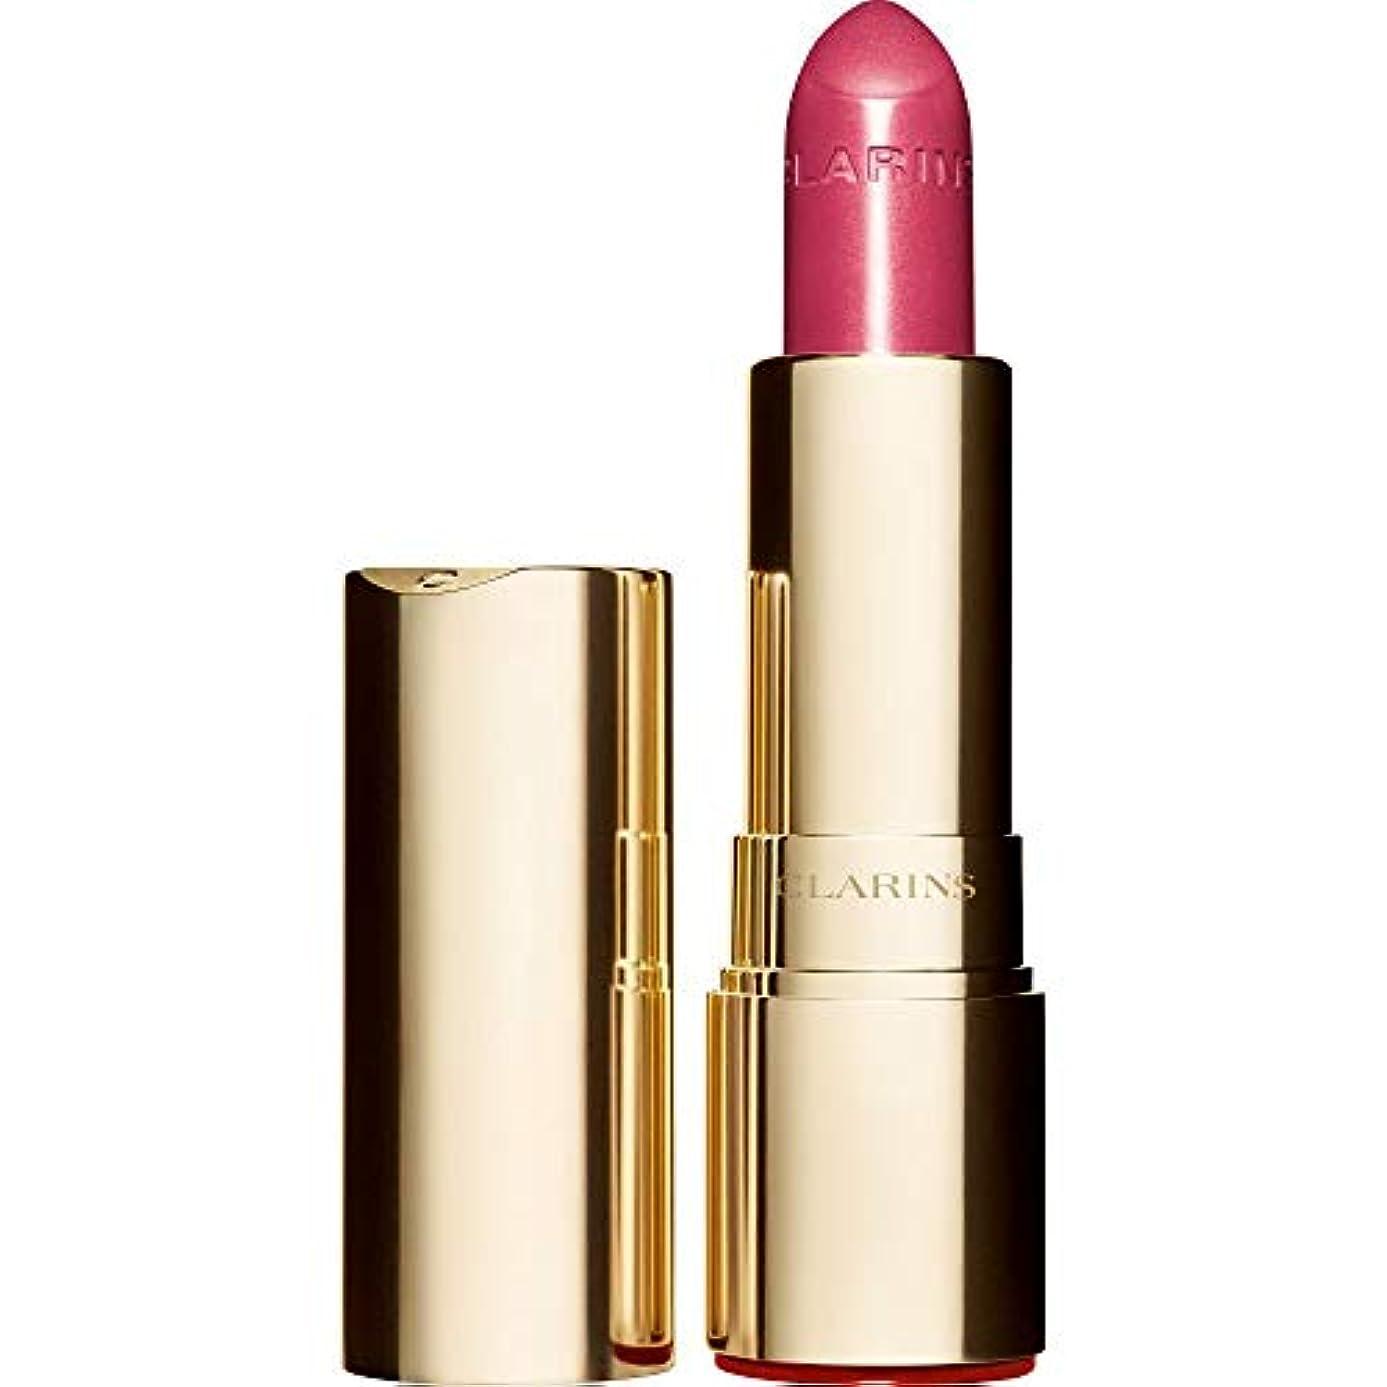 フリッパー知的枕[Clarins ] クラランスジョリルージュブリリアント口紅3.5グラムの723S - ラズベリー - Clarins Joli Rouge Brillant Lipstick 3.5g 723S - Raspberry...